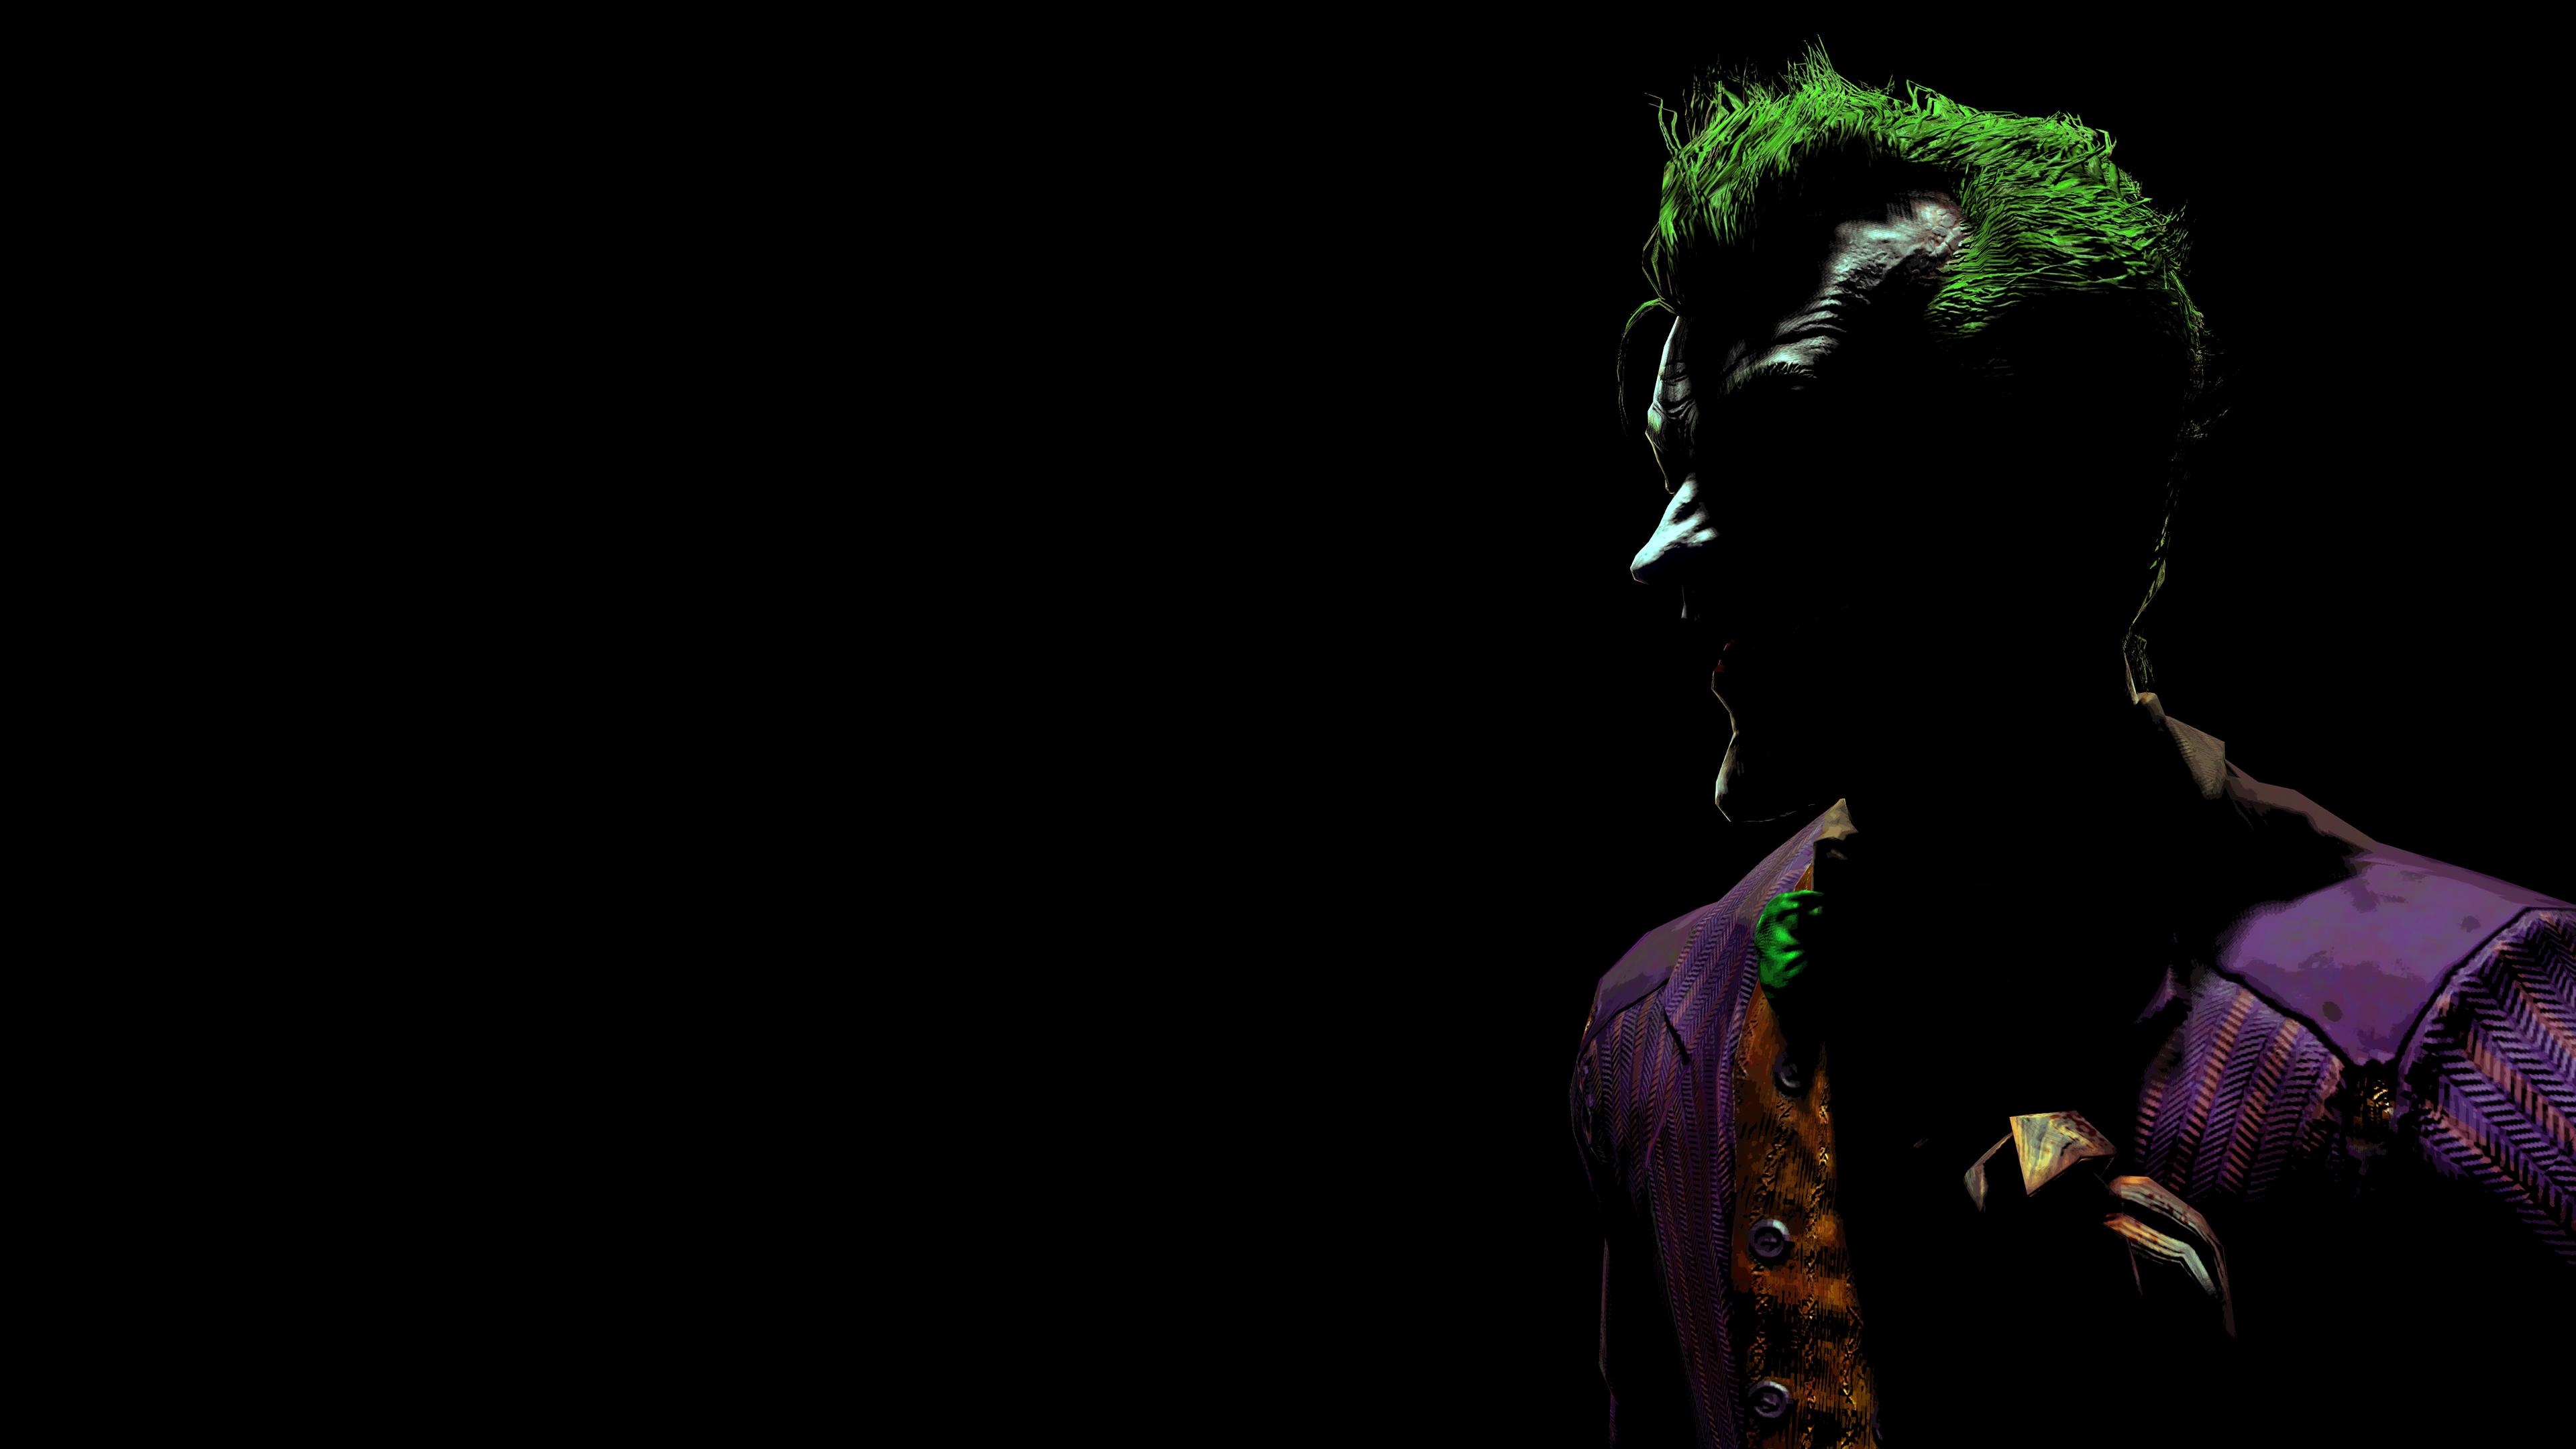 2560x1080 Joker Batman Arkham Asylum 2560x1080 Resolution ...